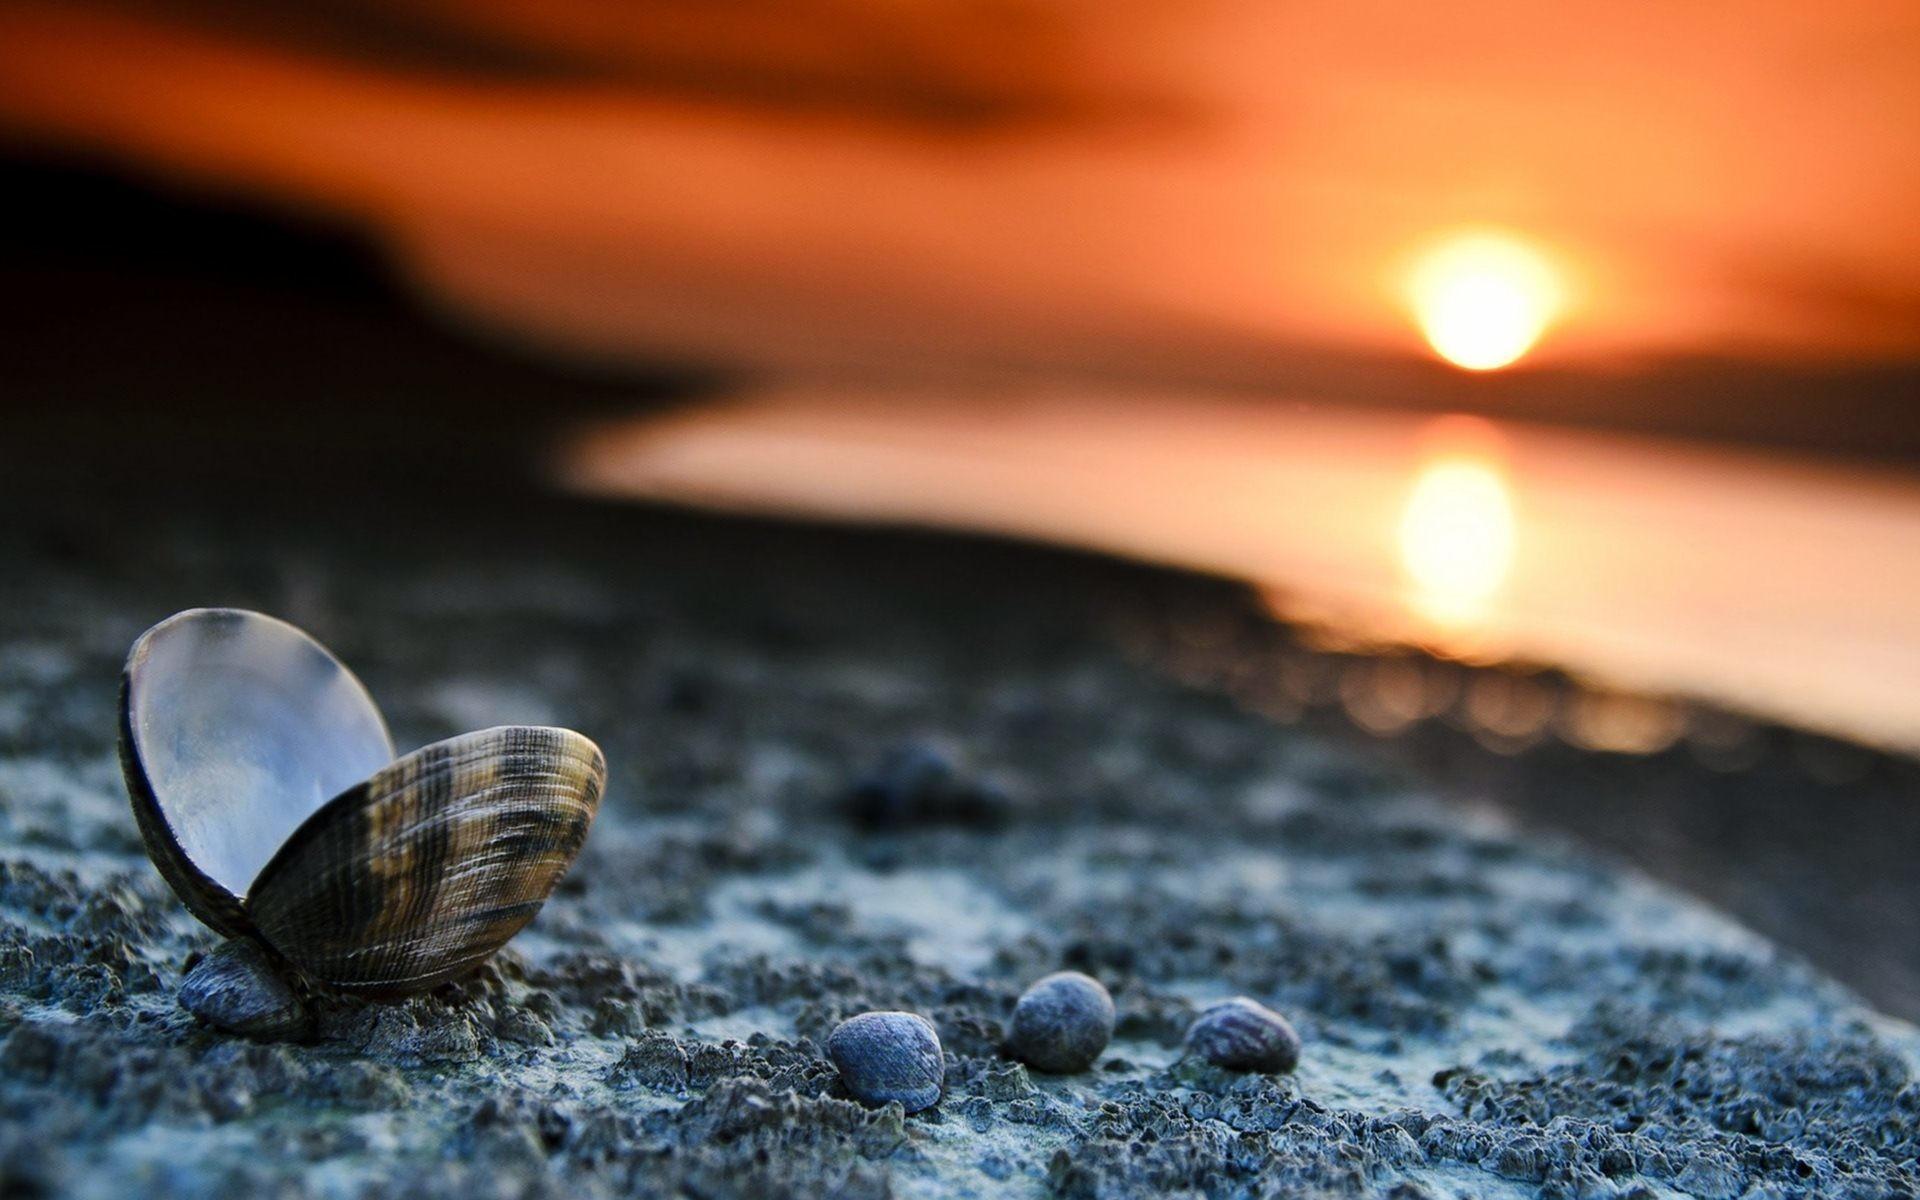 Sea Shells Wallpaper 53 Pictures